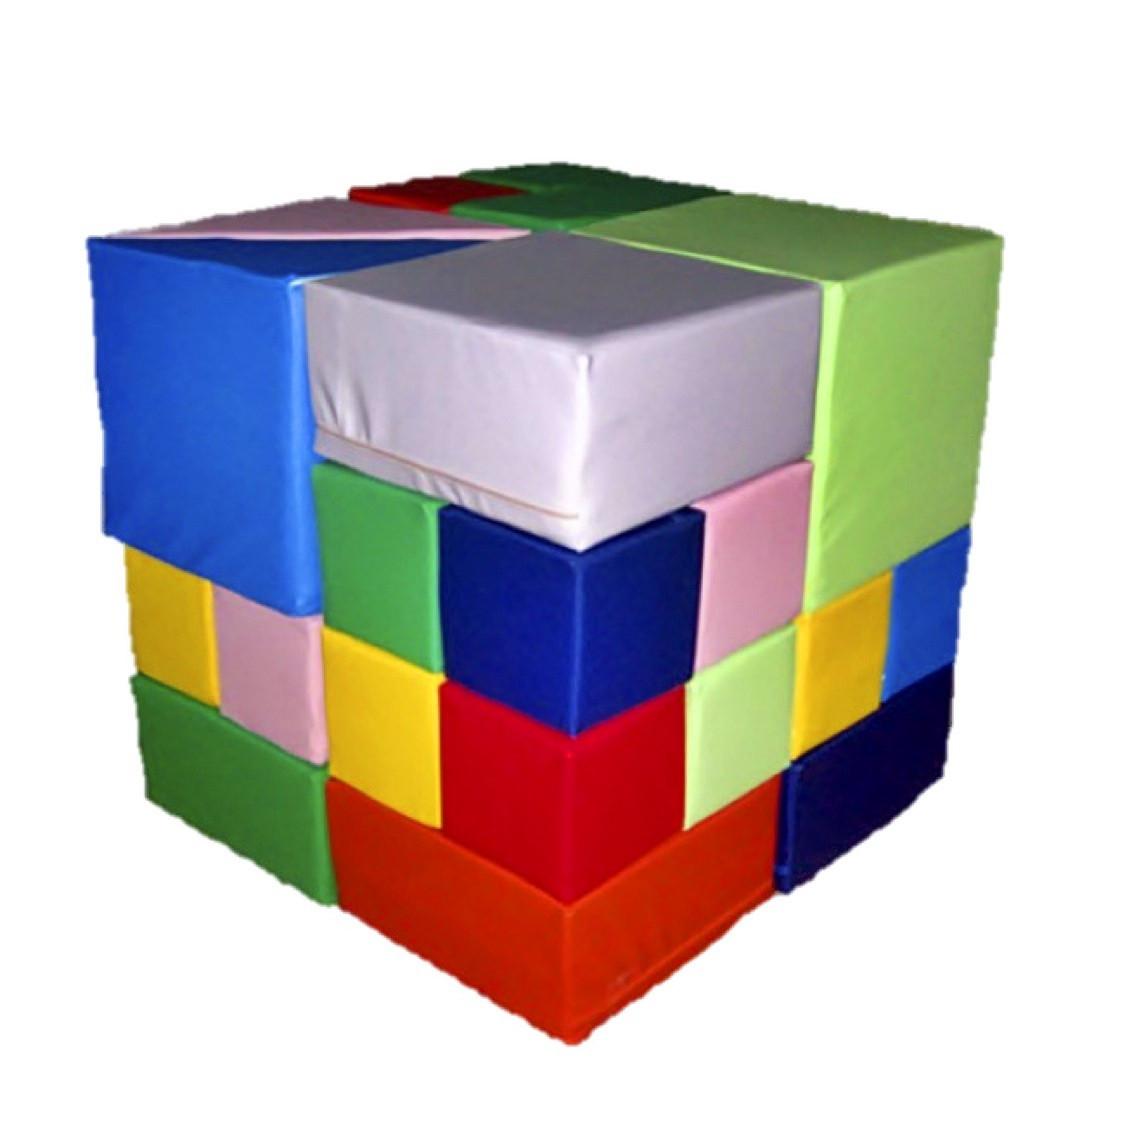 М'який конструктор Кубик Рубіка, 28 ел. TIA-SPORT